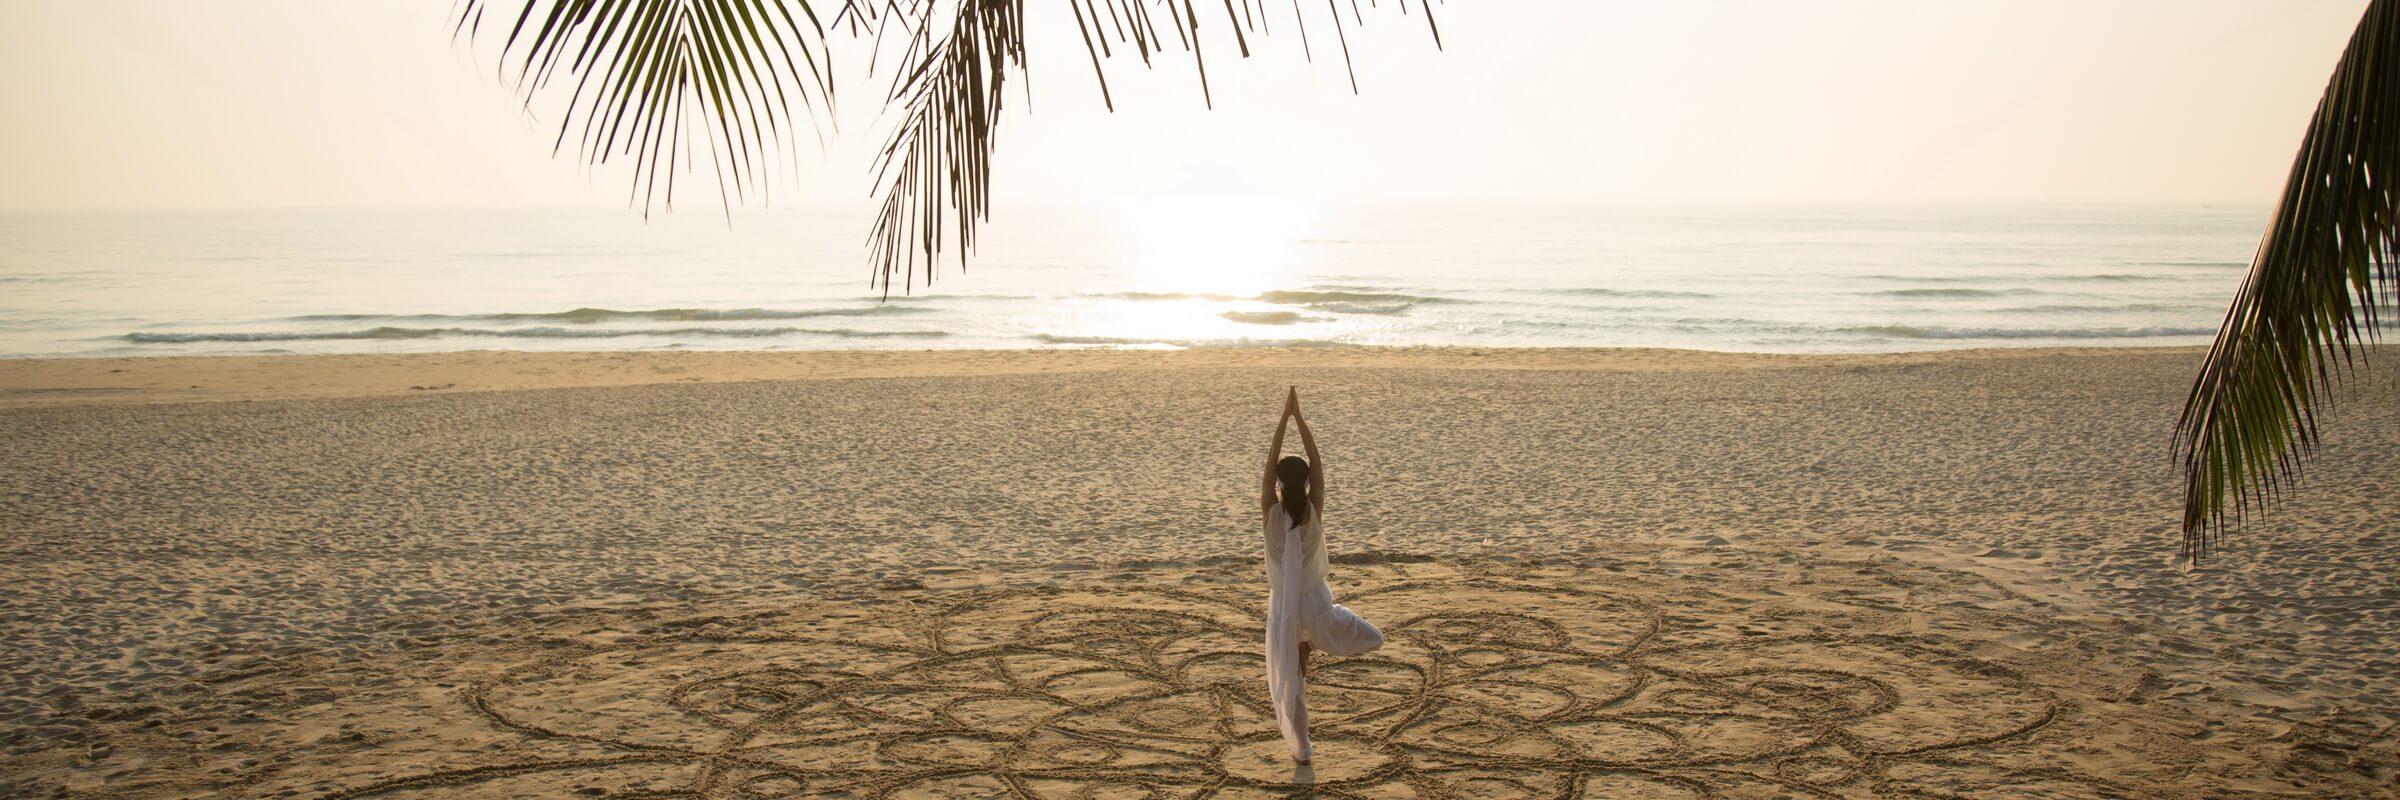 Yogaübungen am Hotelstrand im Fusion Maia Danang Resort mit Panoramablick auf das Meer, eine entspannte Weise den Vietnam Urlaub zu gestalten.ramablick auf das Meer